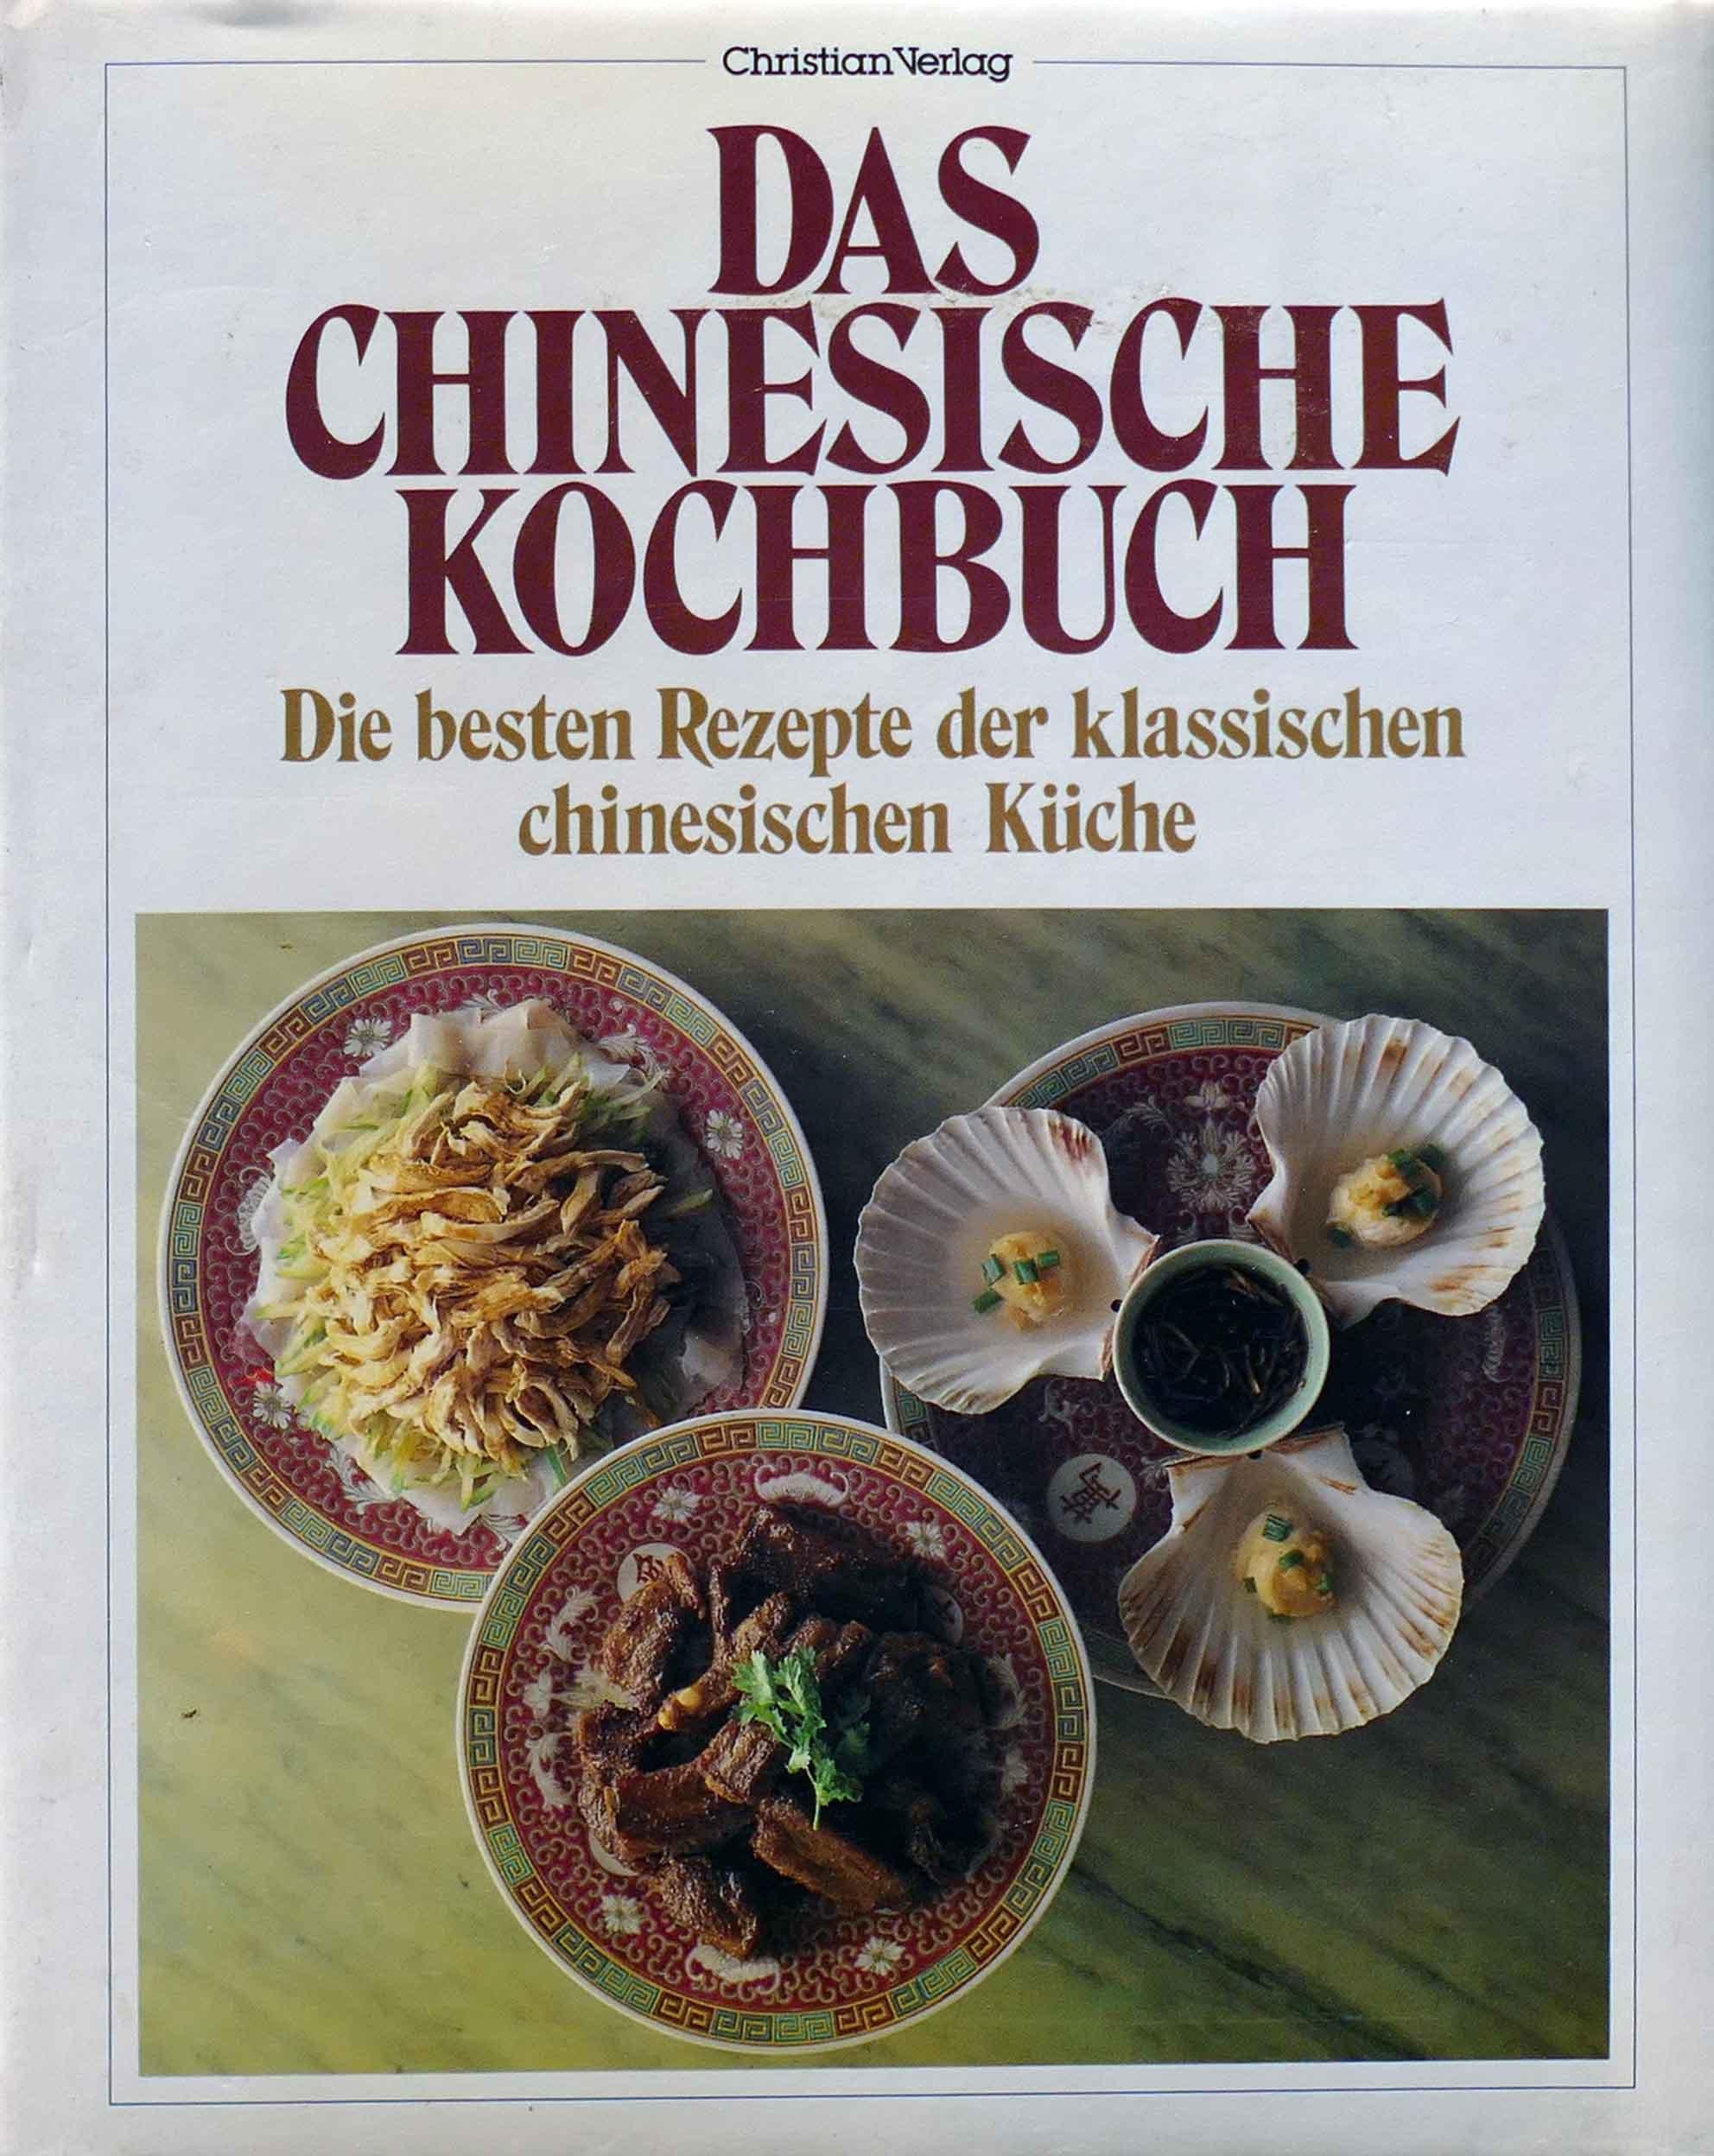 Chinesische Küche Rezepte   Das Chinesische Kochbuch Die Besten Rezepte Der Klassischen